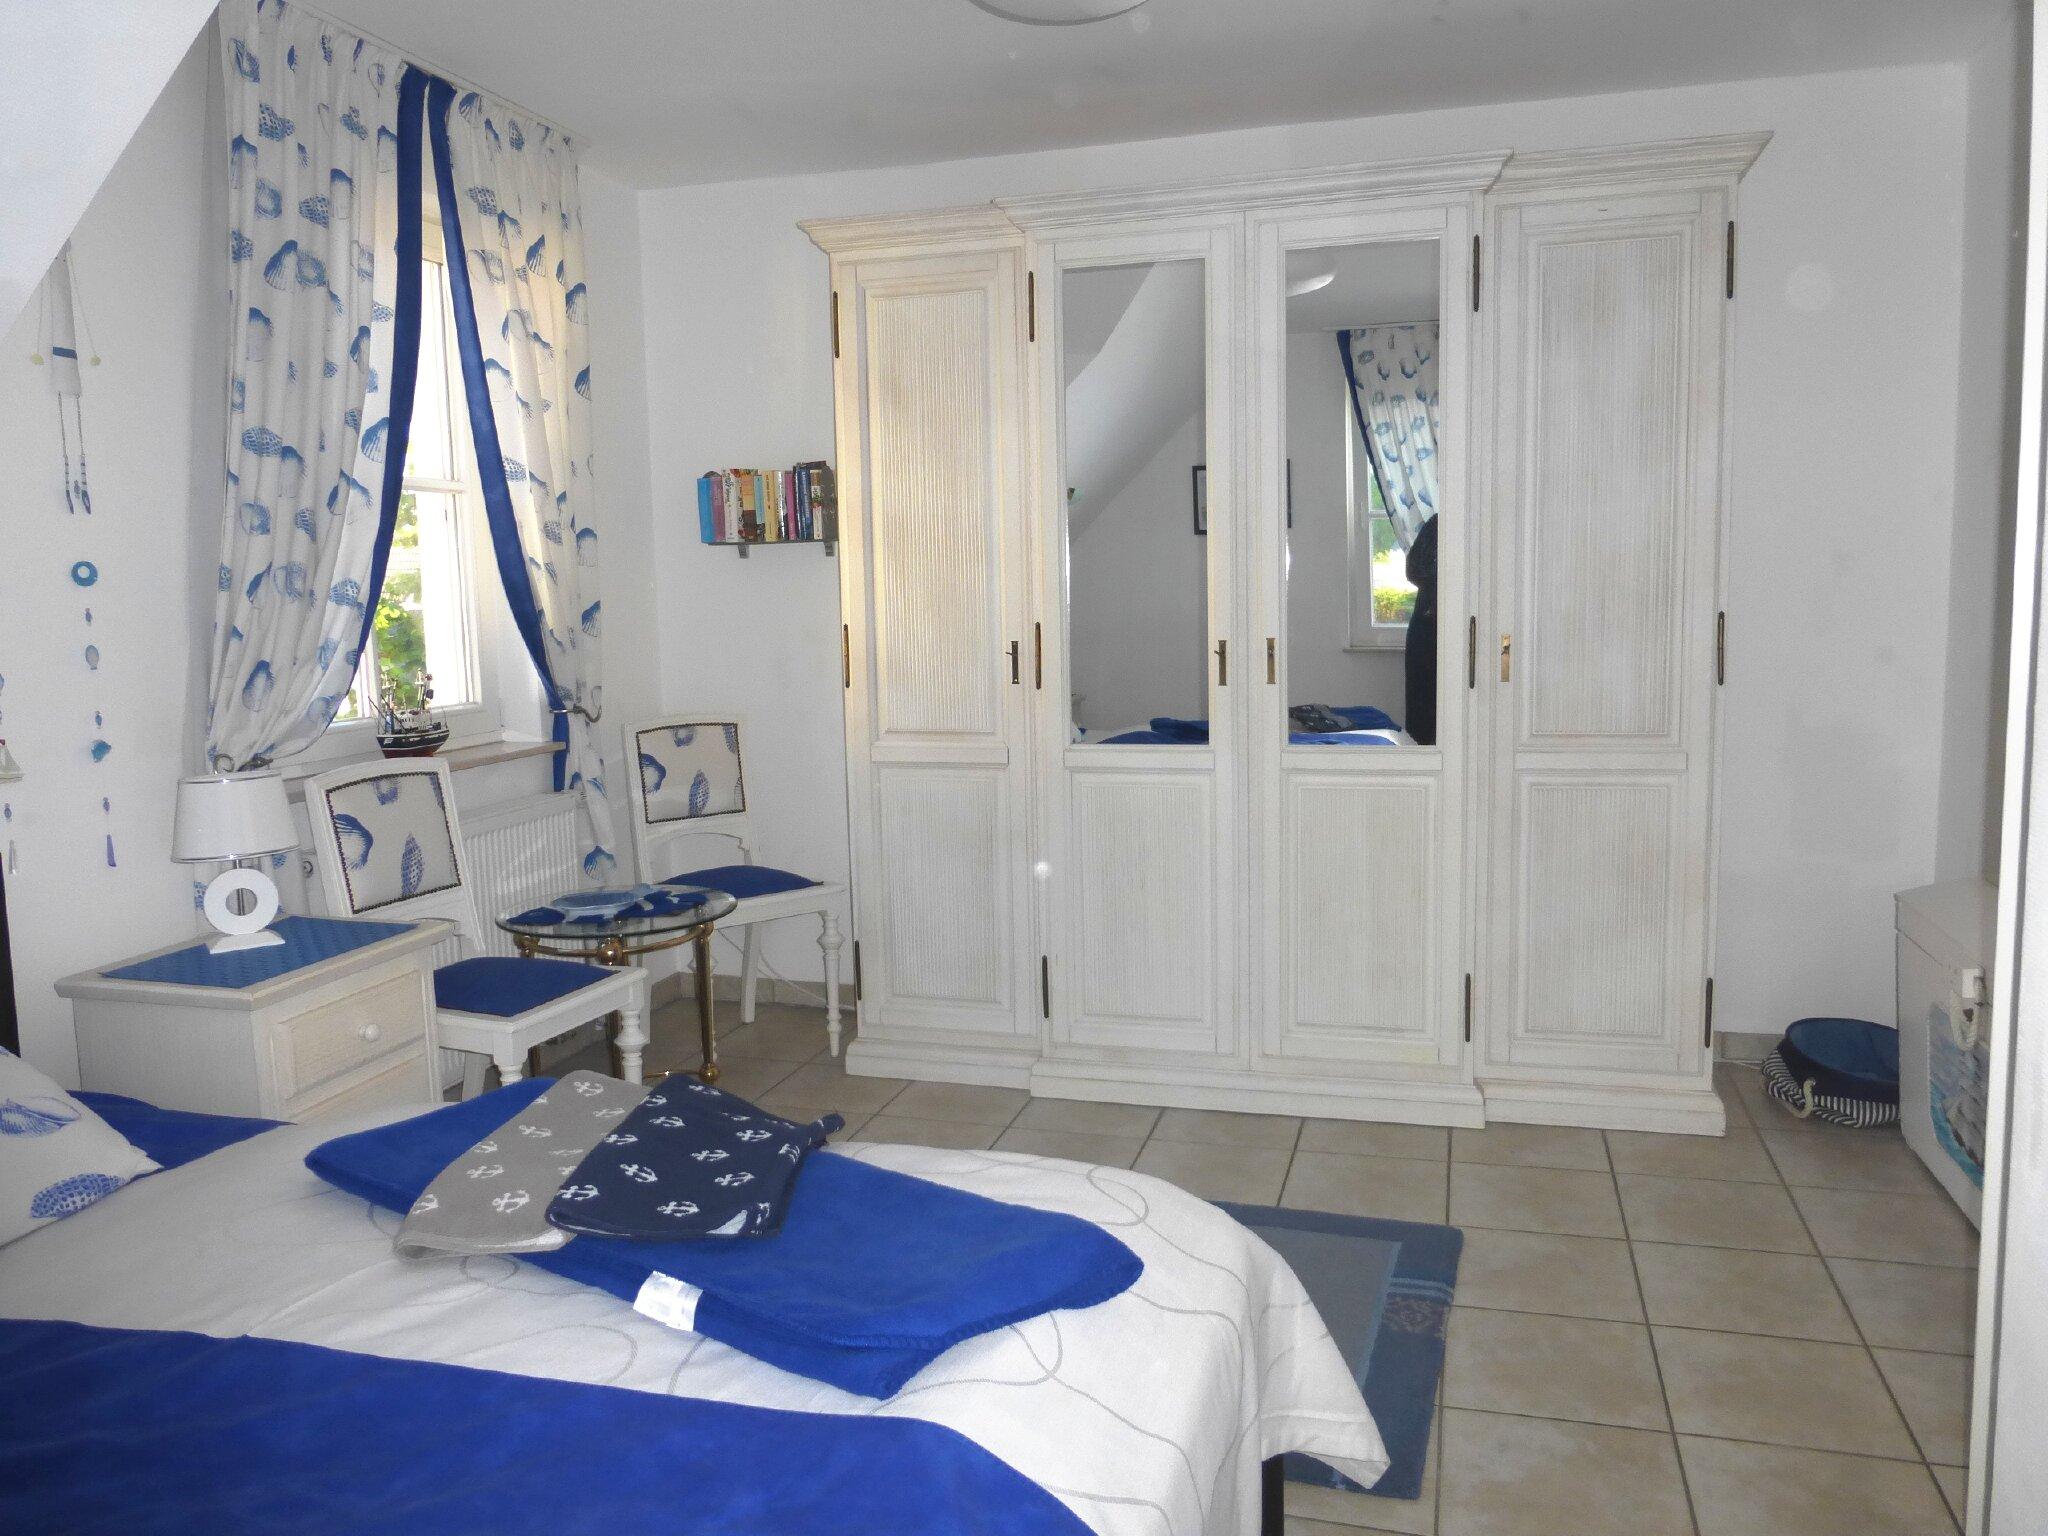 Klabauterkammer, Schlafzimmer 2